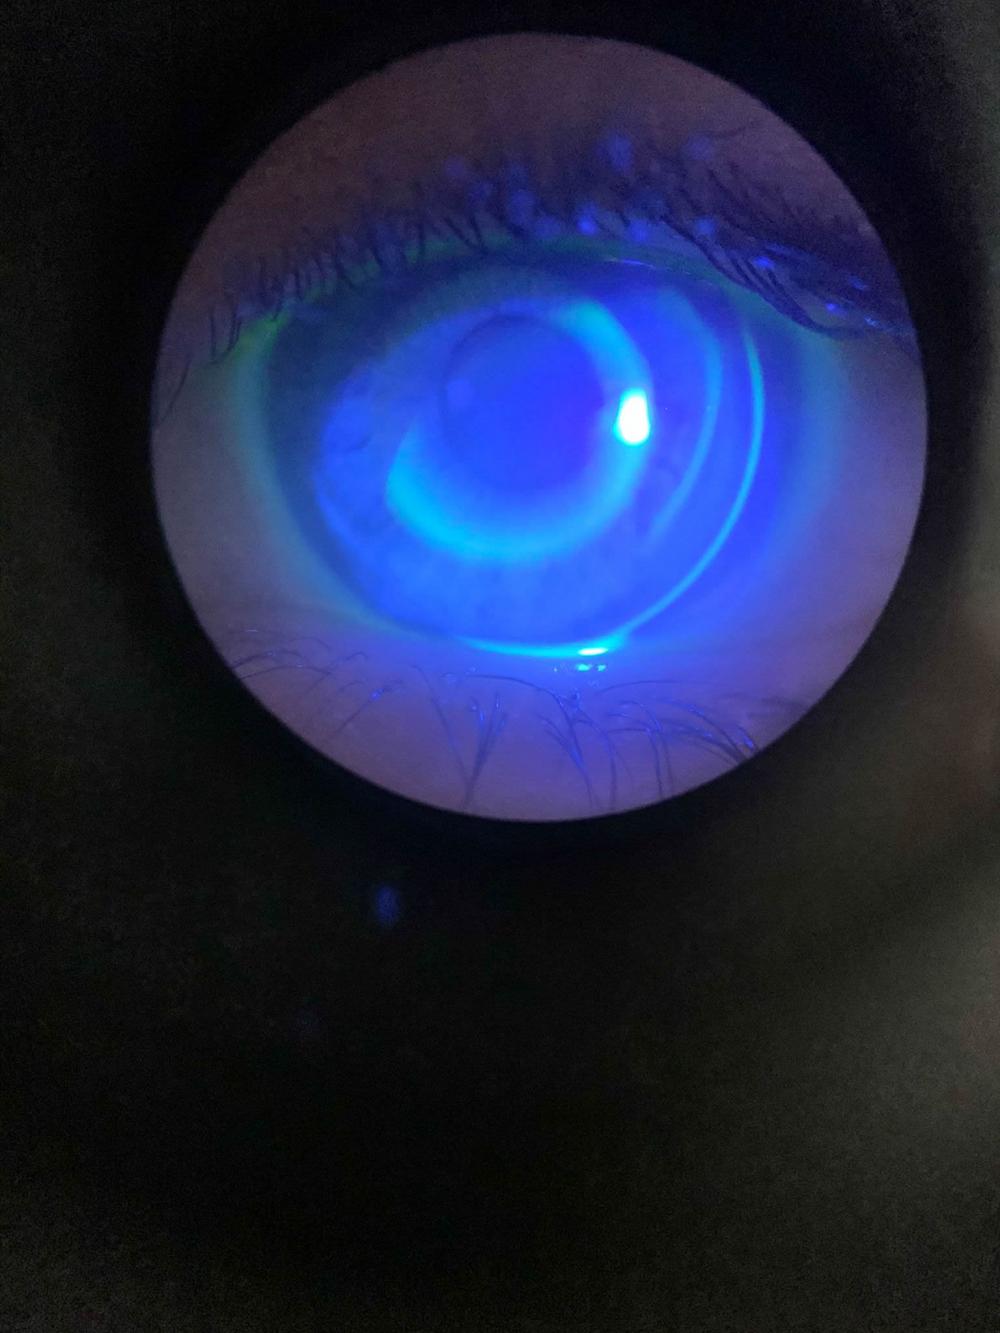 Imagen del ojo de la paciente durante el proceso de adaptación de las lentillas orto-k